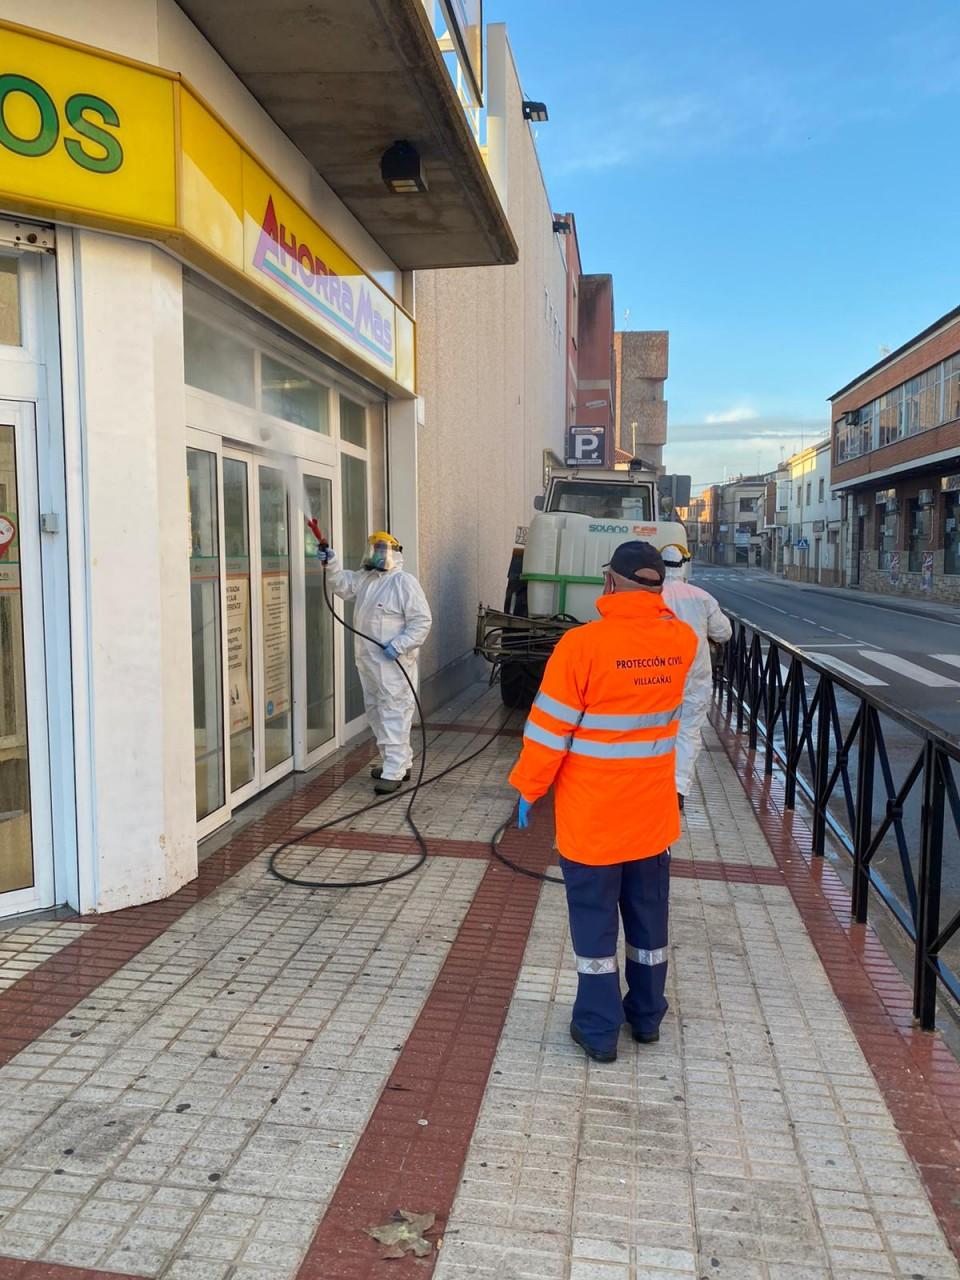 Desinfección de calles: mañana vuelve a fumigarse todo el pueblo con ayuda de agricultores, por lo que es importante que se despejen las calles para el tránsito de los tractores